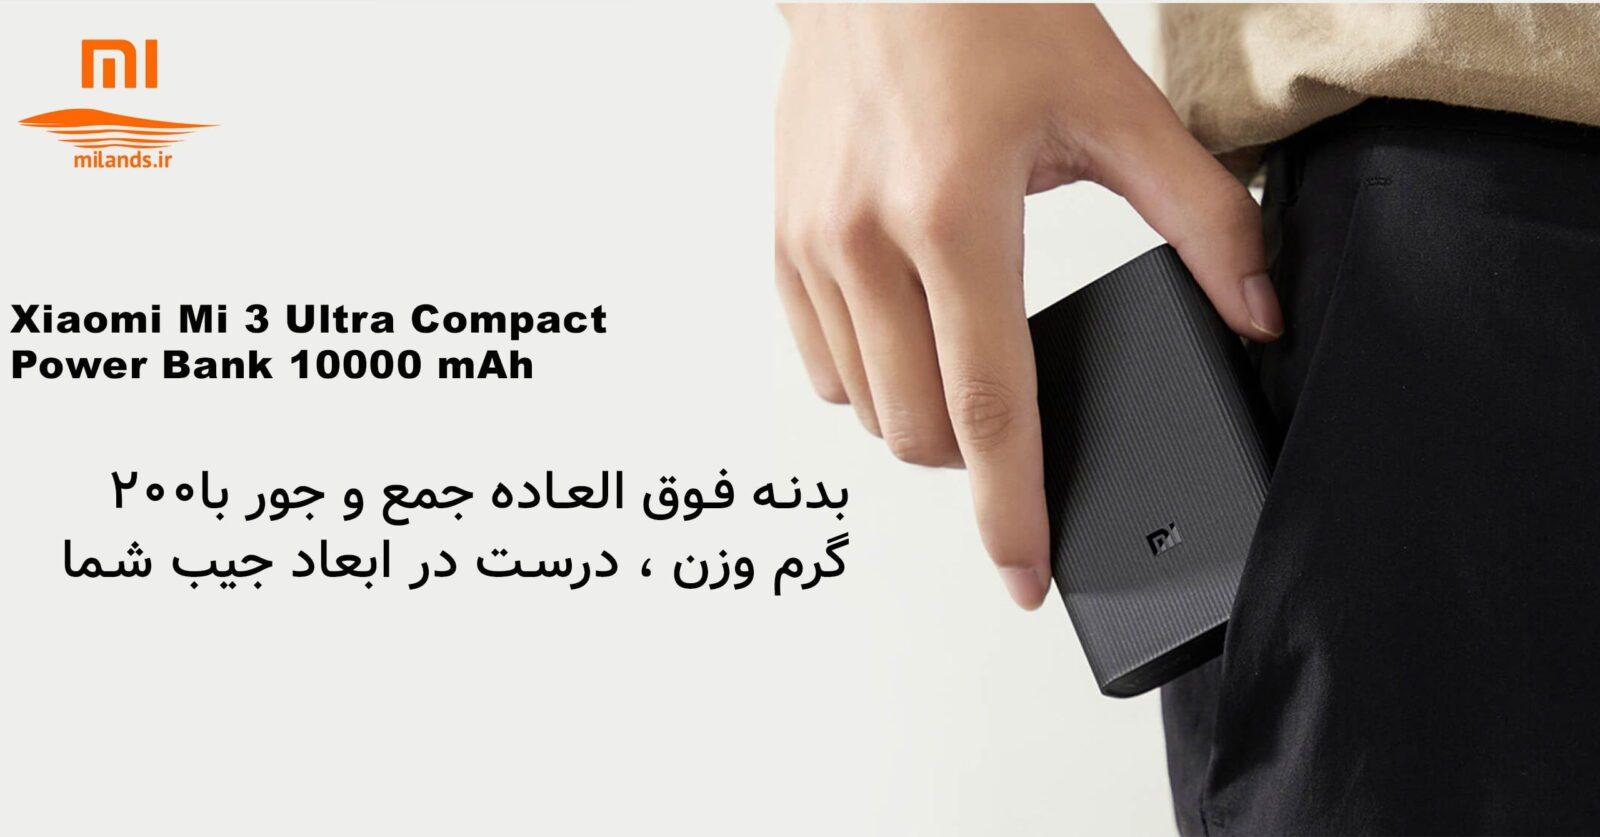 Xiaomi Mi 3 Ultra Compact Power Bank 10000 mAh